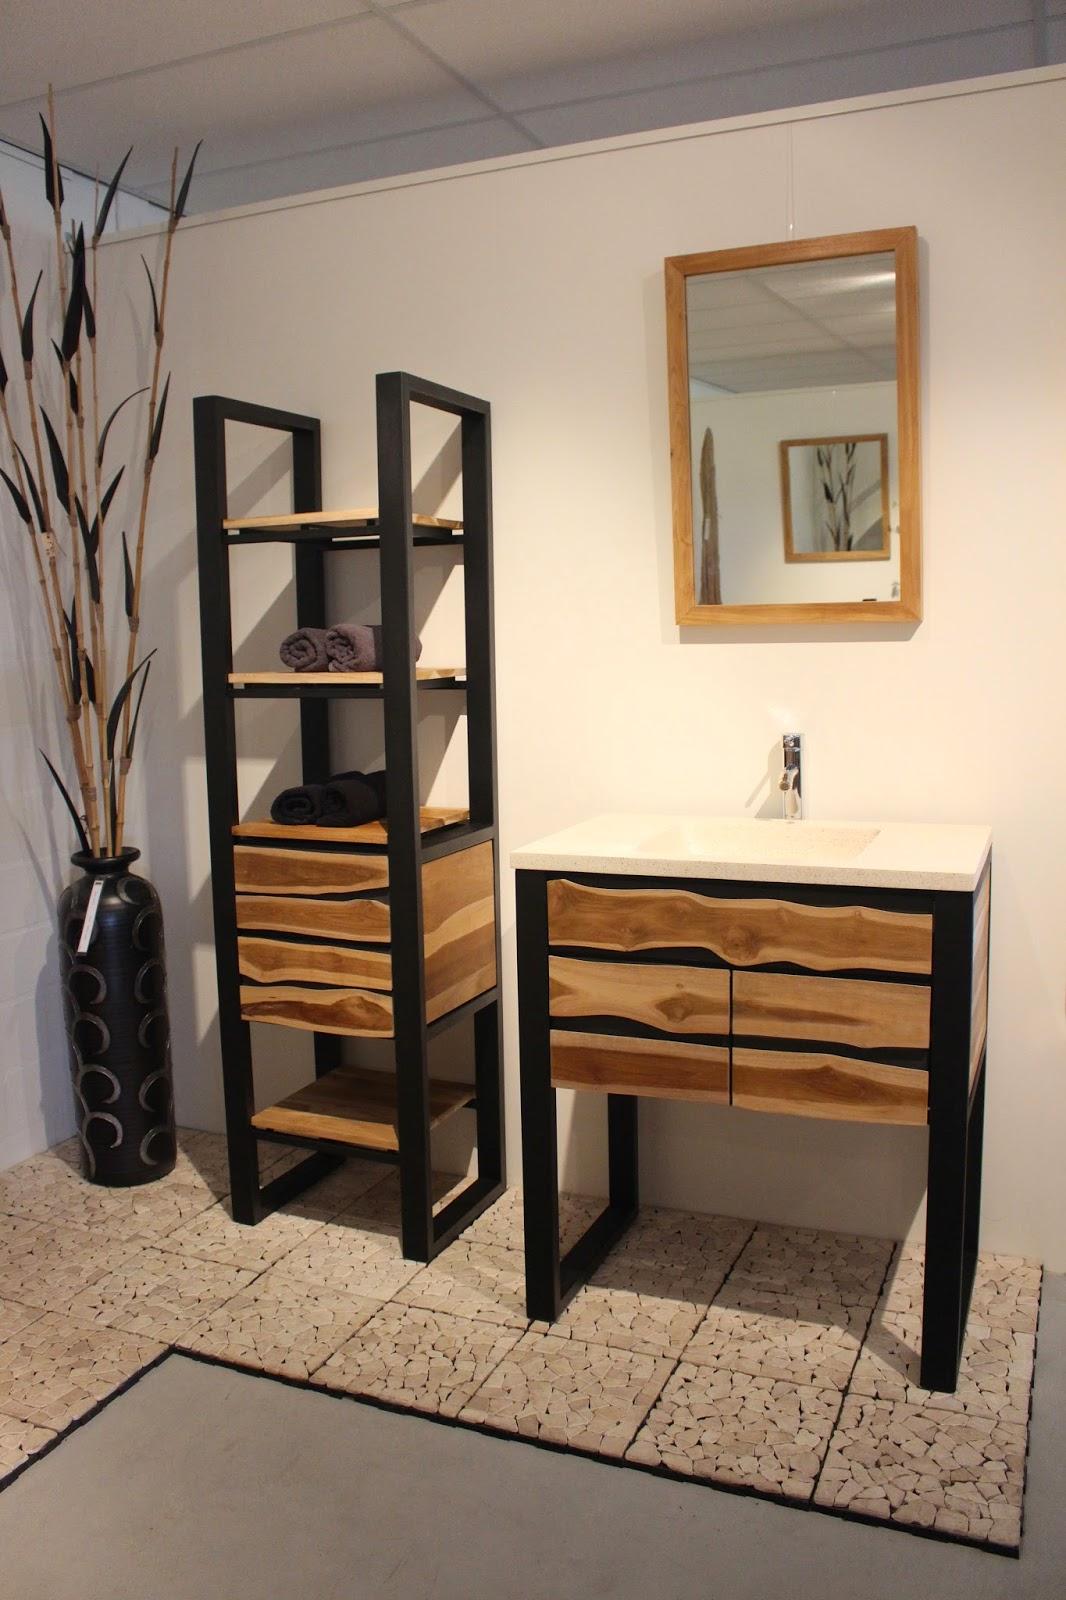 badkamermeubel houten badkamermeubels nieuw design uit